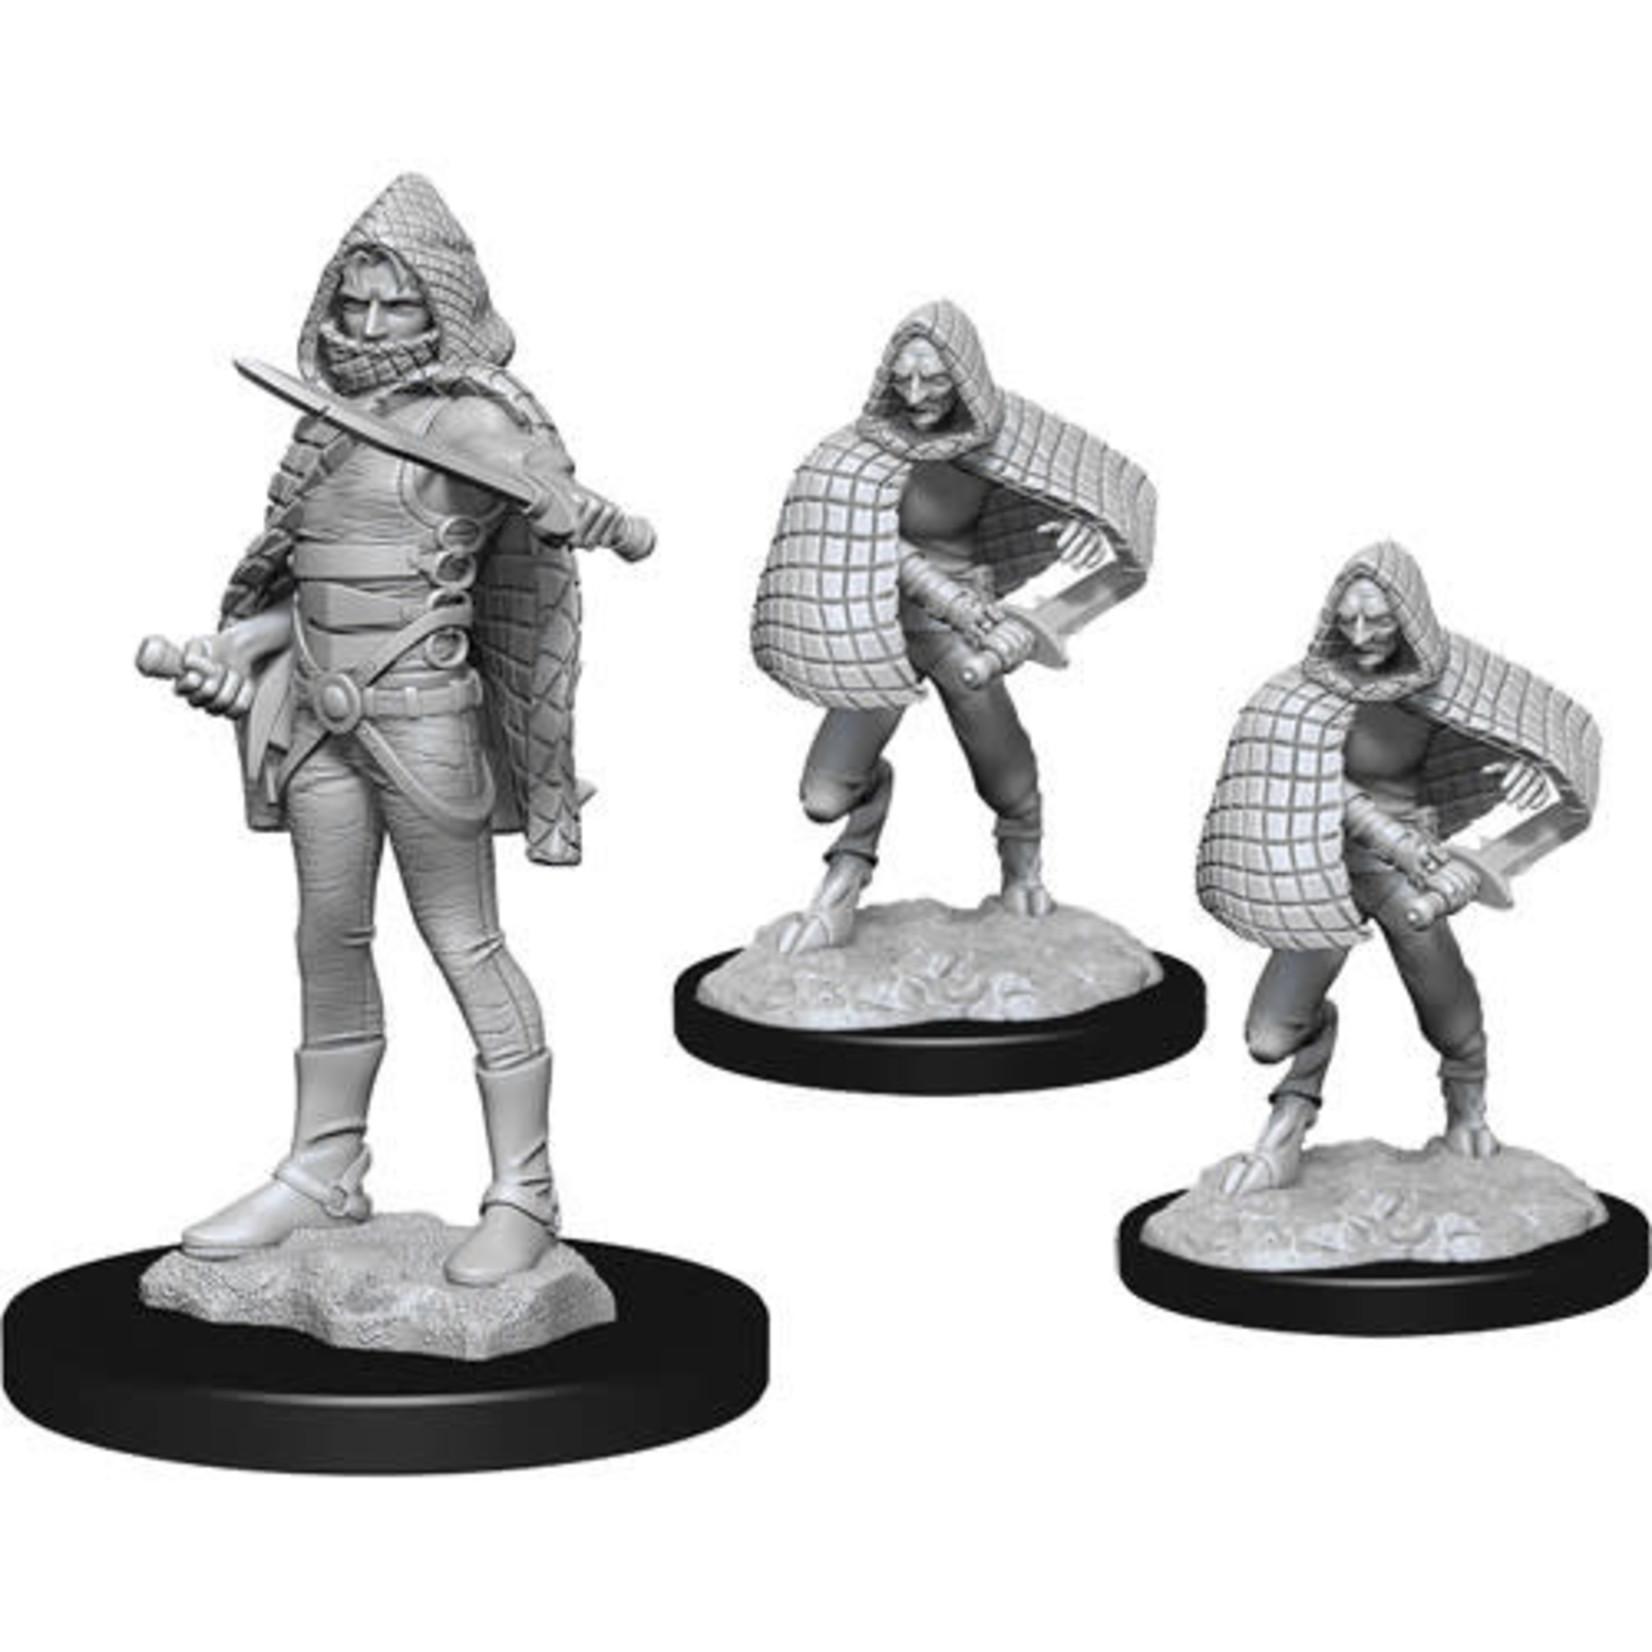 D&D Unpainted Minis: Darkling Elder & Darklings (Wave 13)